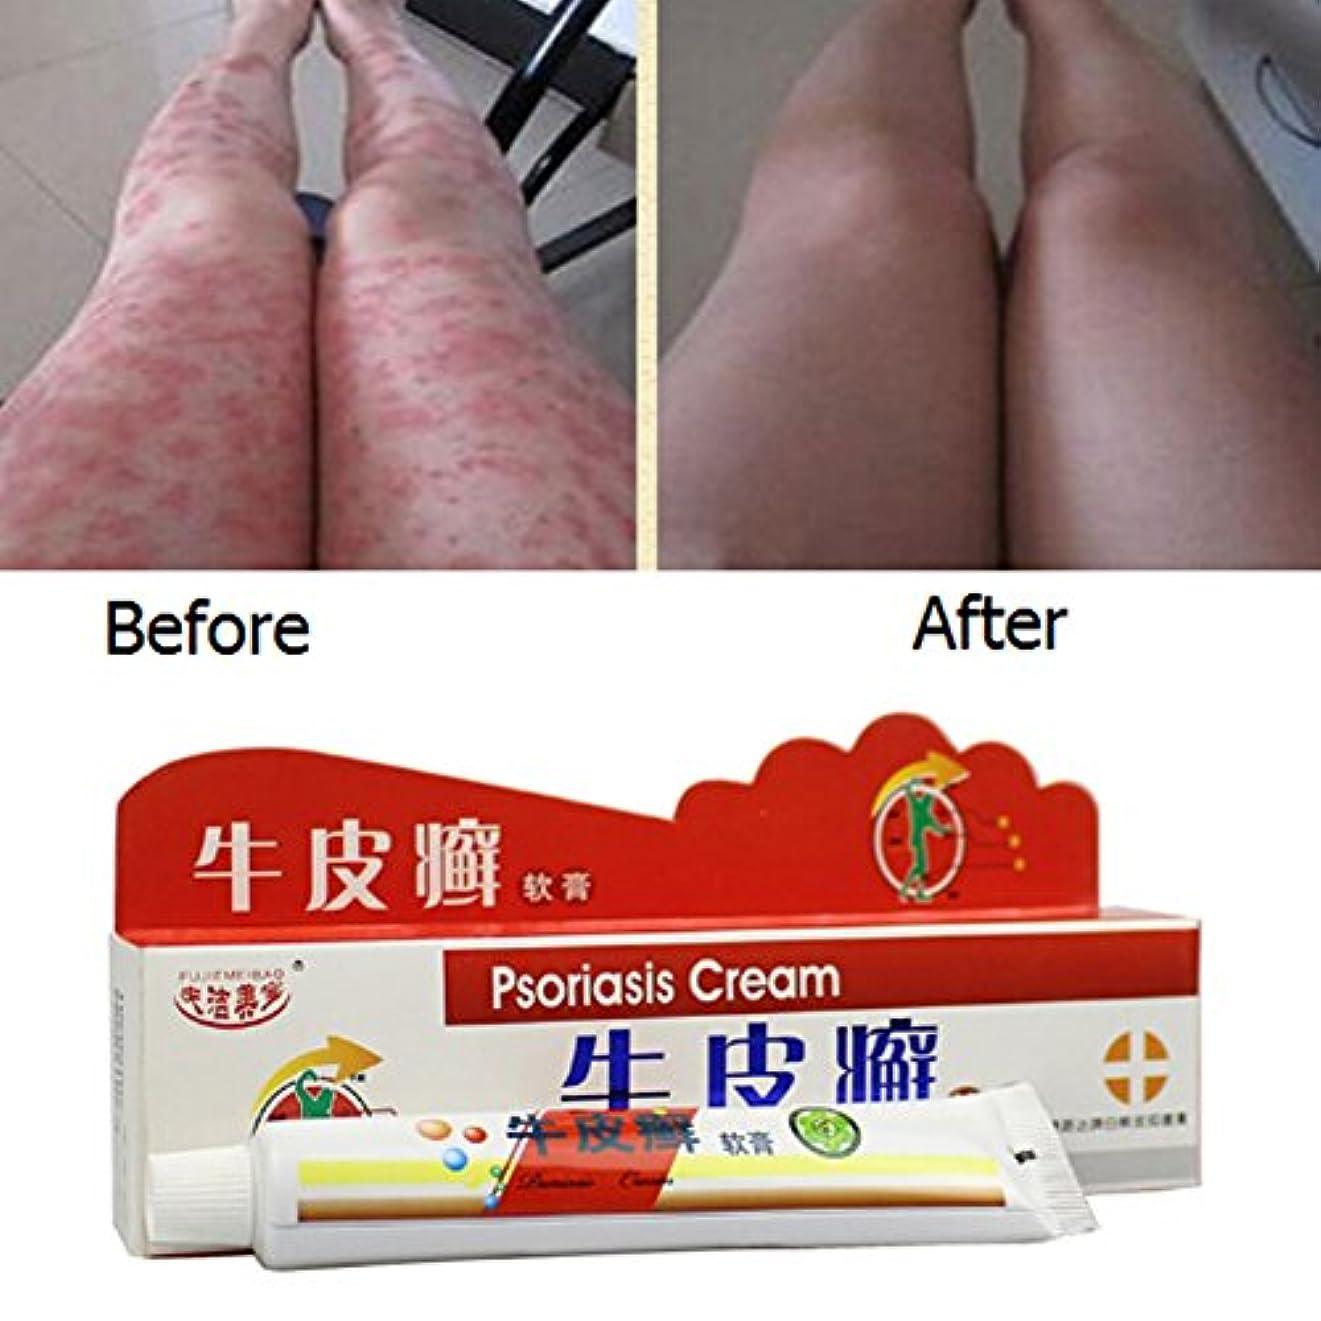 介入する職人後ろ、背後、背面(部Balai 乾癬クリーム 中国のハーブ抗菌軟膏クリーム 湿疹乾癬 治療かゆみ止めクリーム